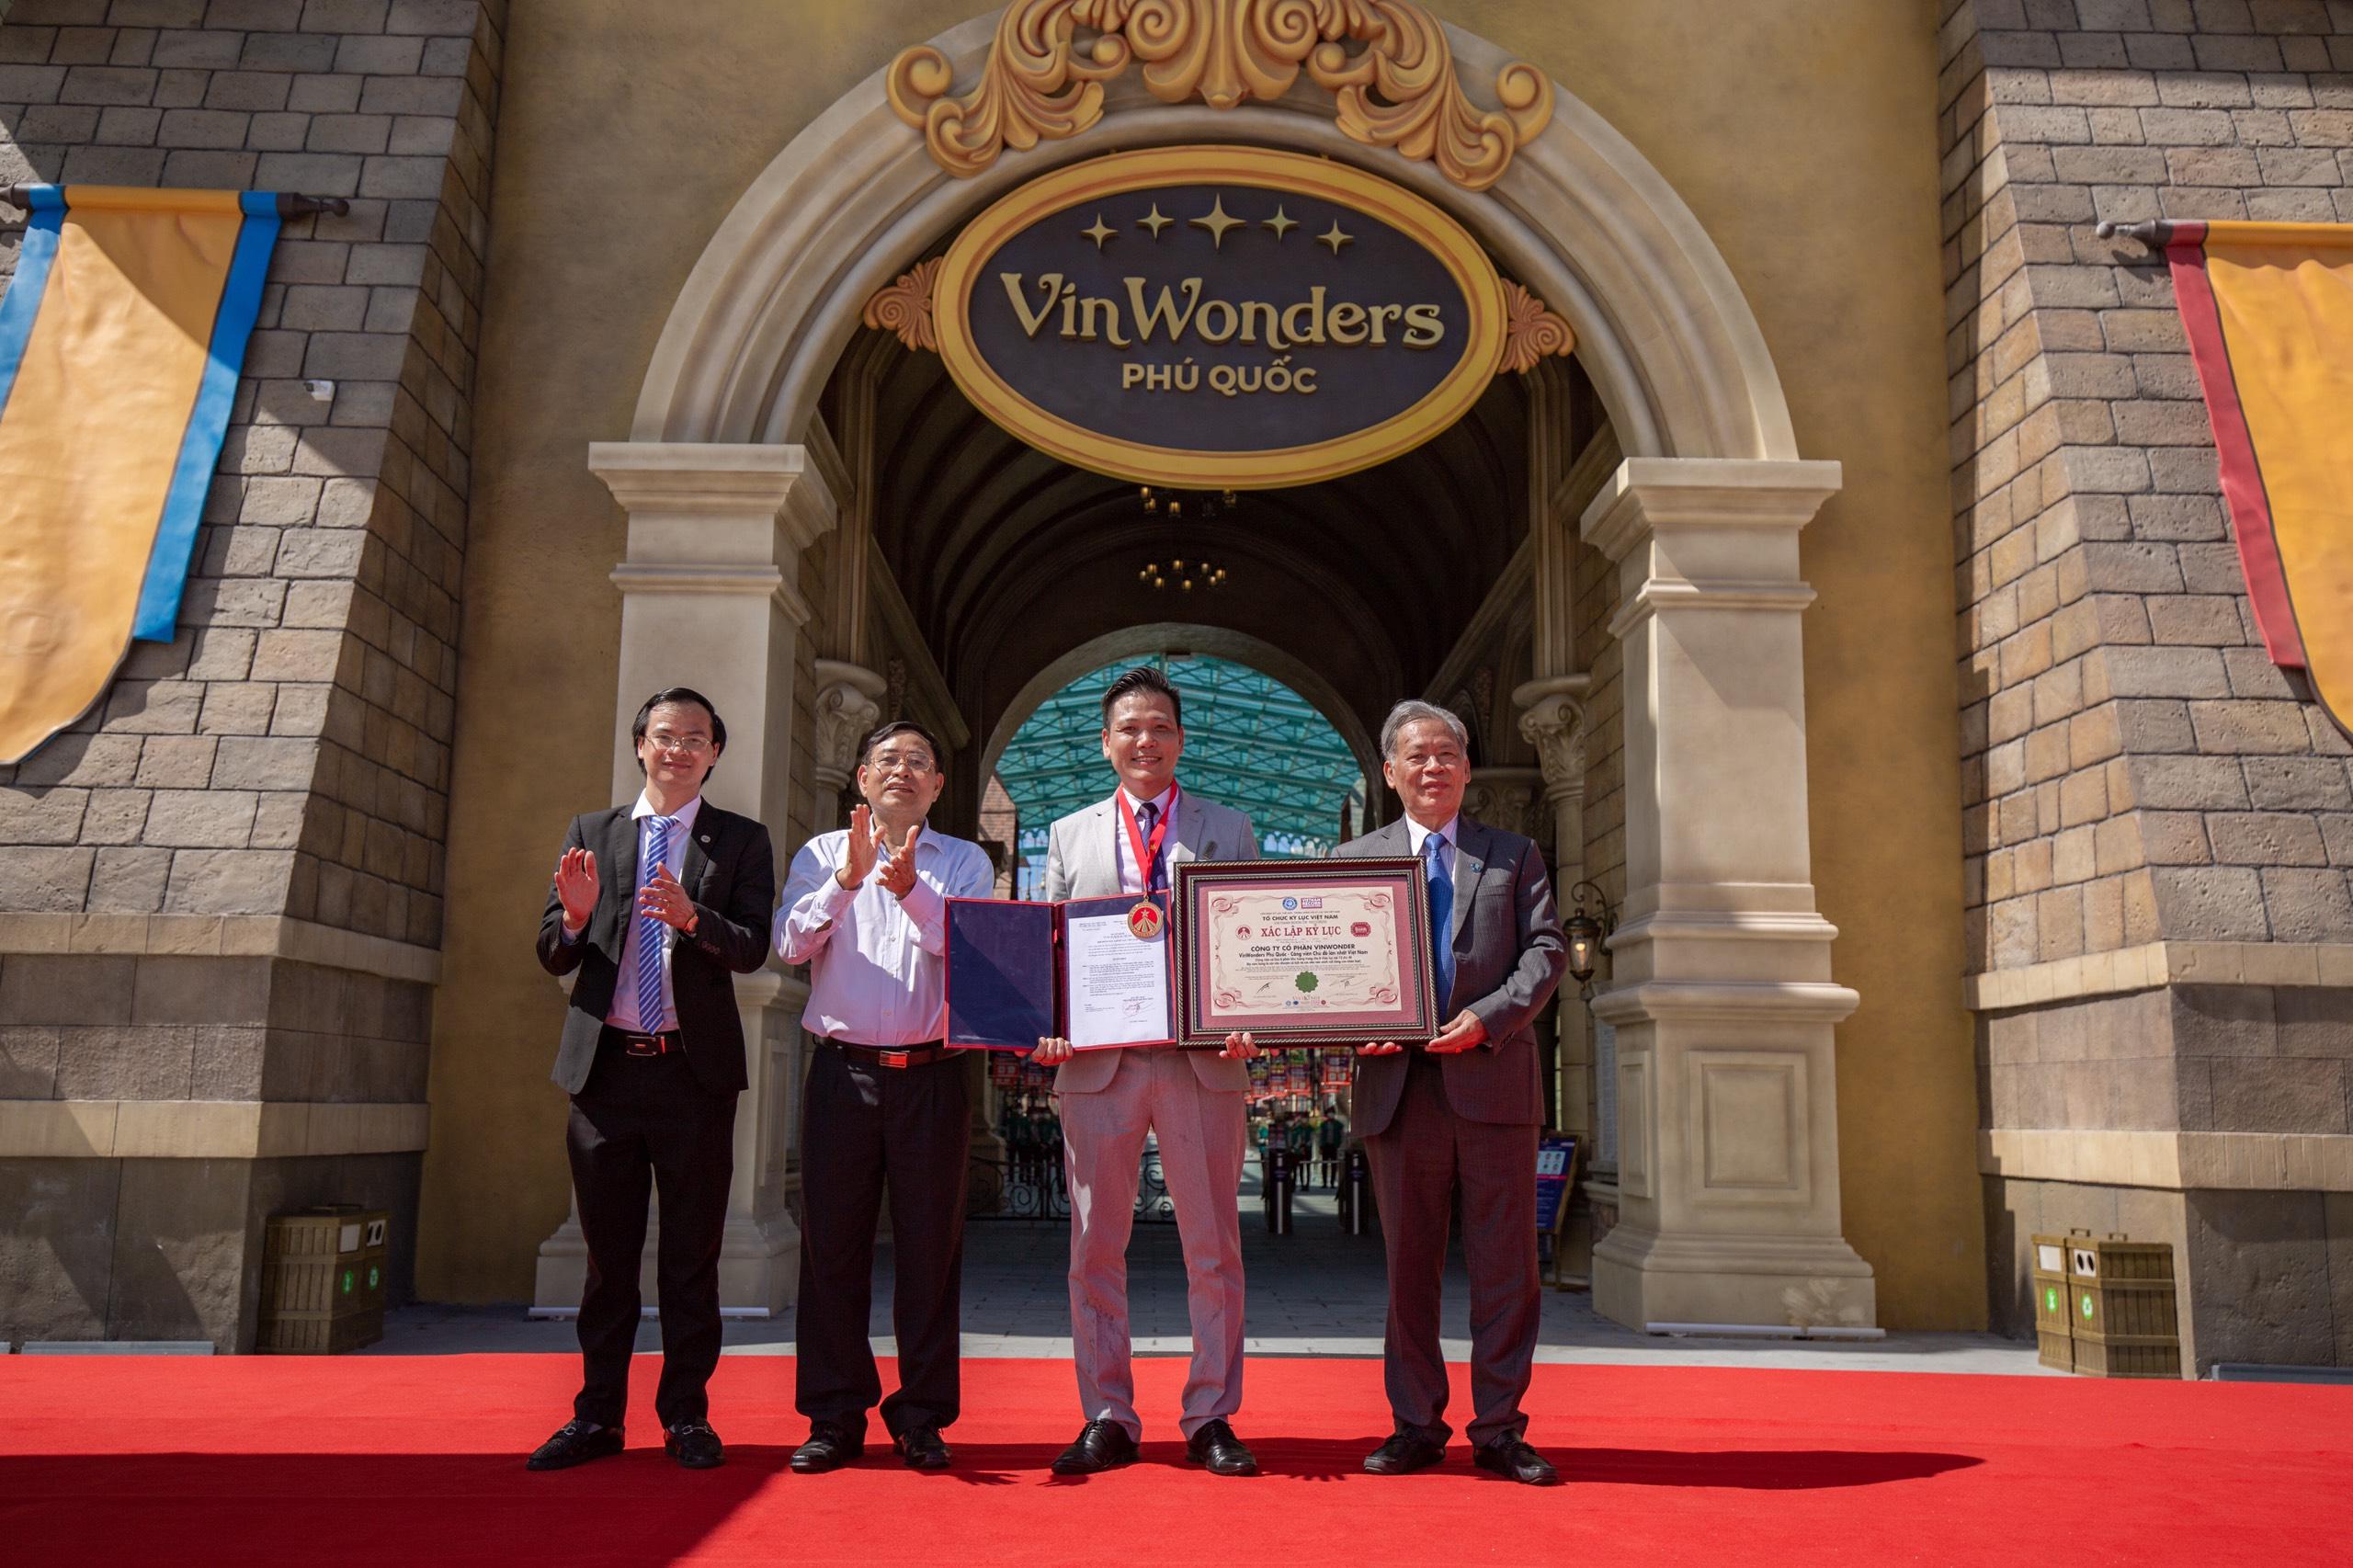 Ts.Thang Văn Phúc - Nguyên Thứ trưởng Bộ Nội vụ, Chủ tịch TW Hội Kỷ lục gia Việt Nam (ngoài cùng bên phải) cùng ông Hoàng Thái Tuấn Anh trao Kỷ lục đến đại diện Công ty Cổ phần VinWonder